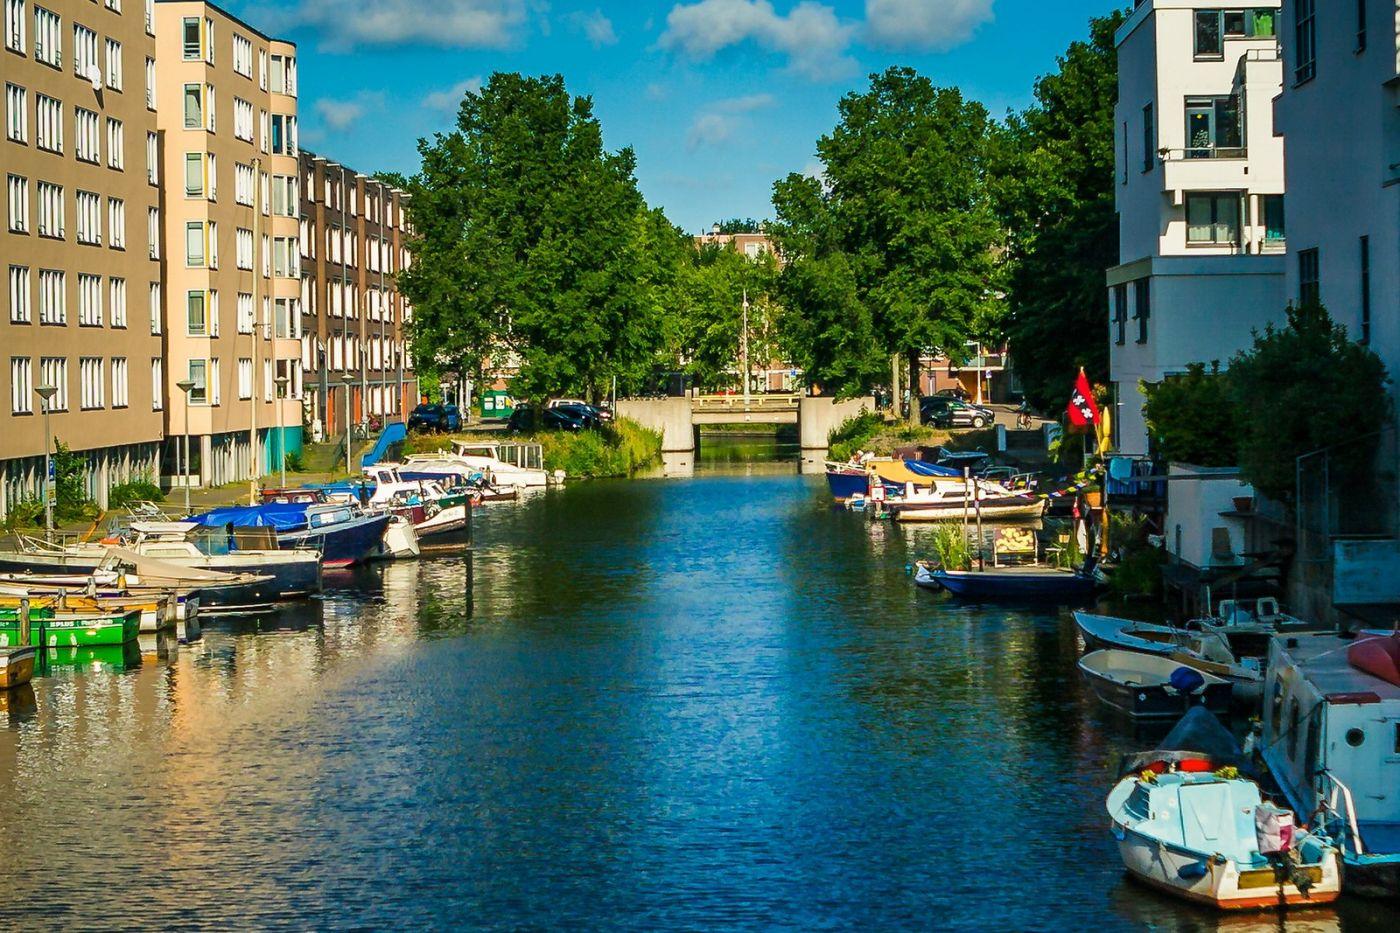 荷兰阿姆斯特丹,穿梭的自行车_图1-21